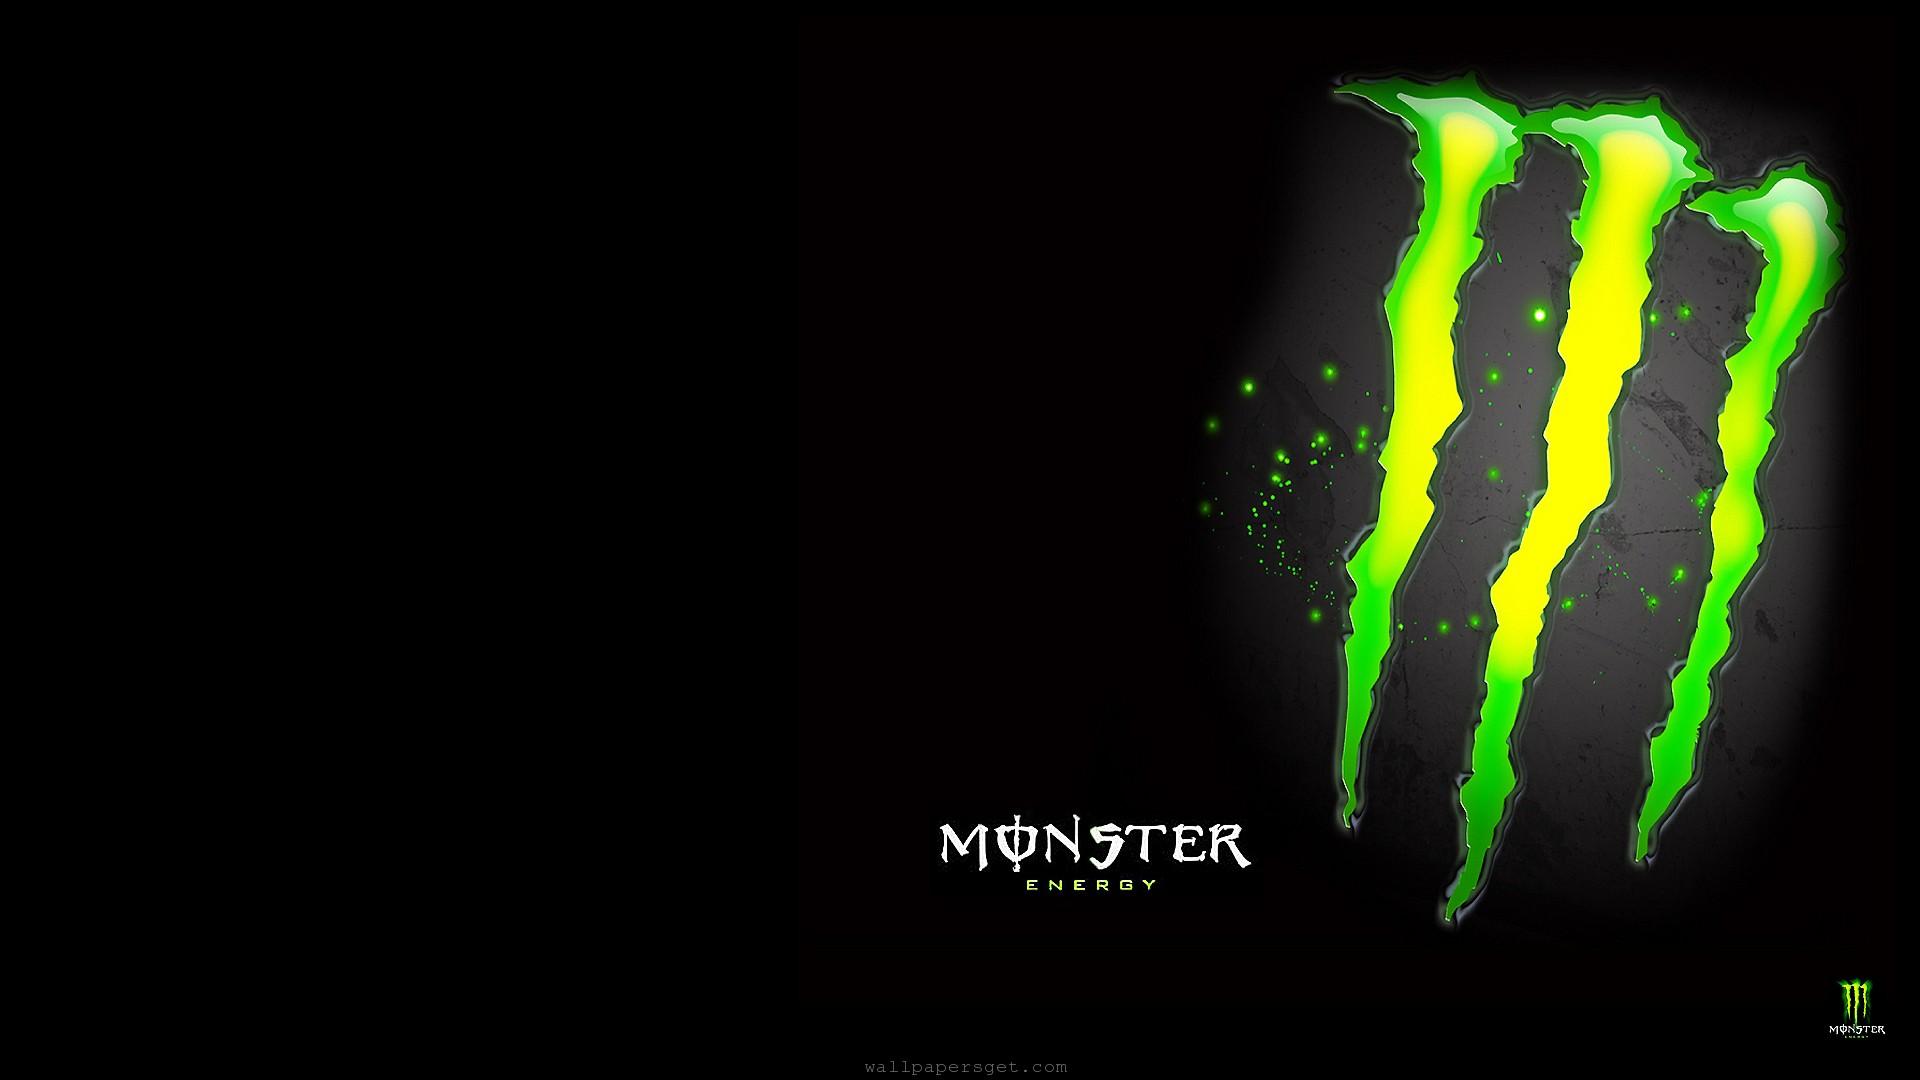 custom logo wallpaper vector drink monster energy wallpapersjpg 1920x1080